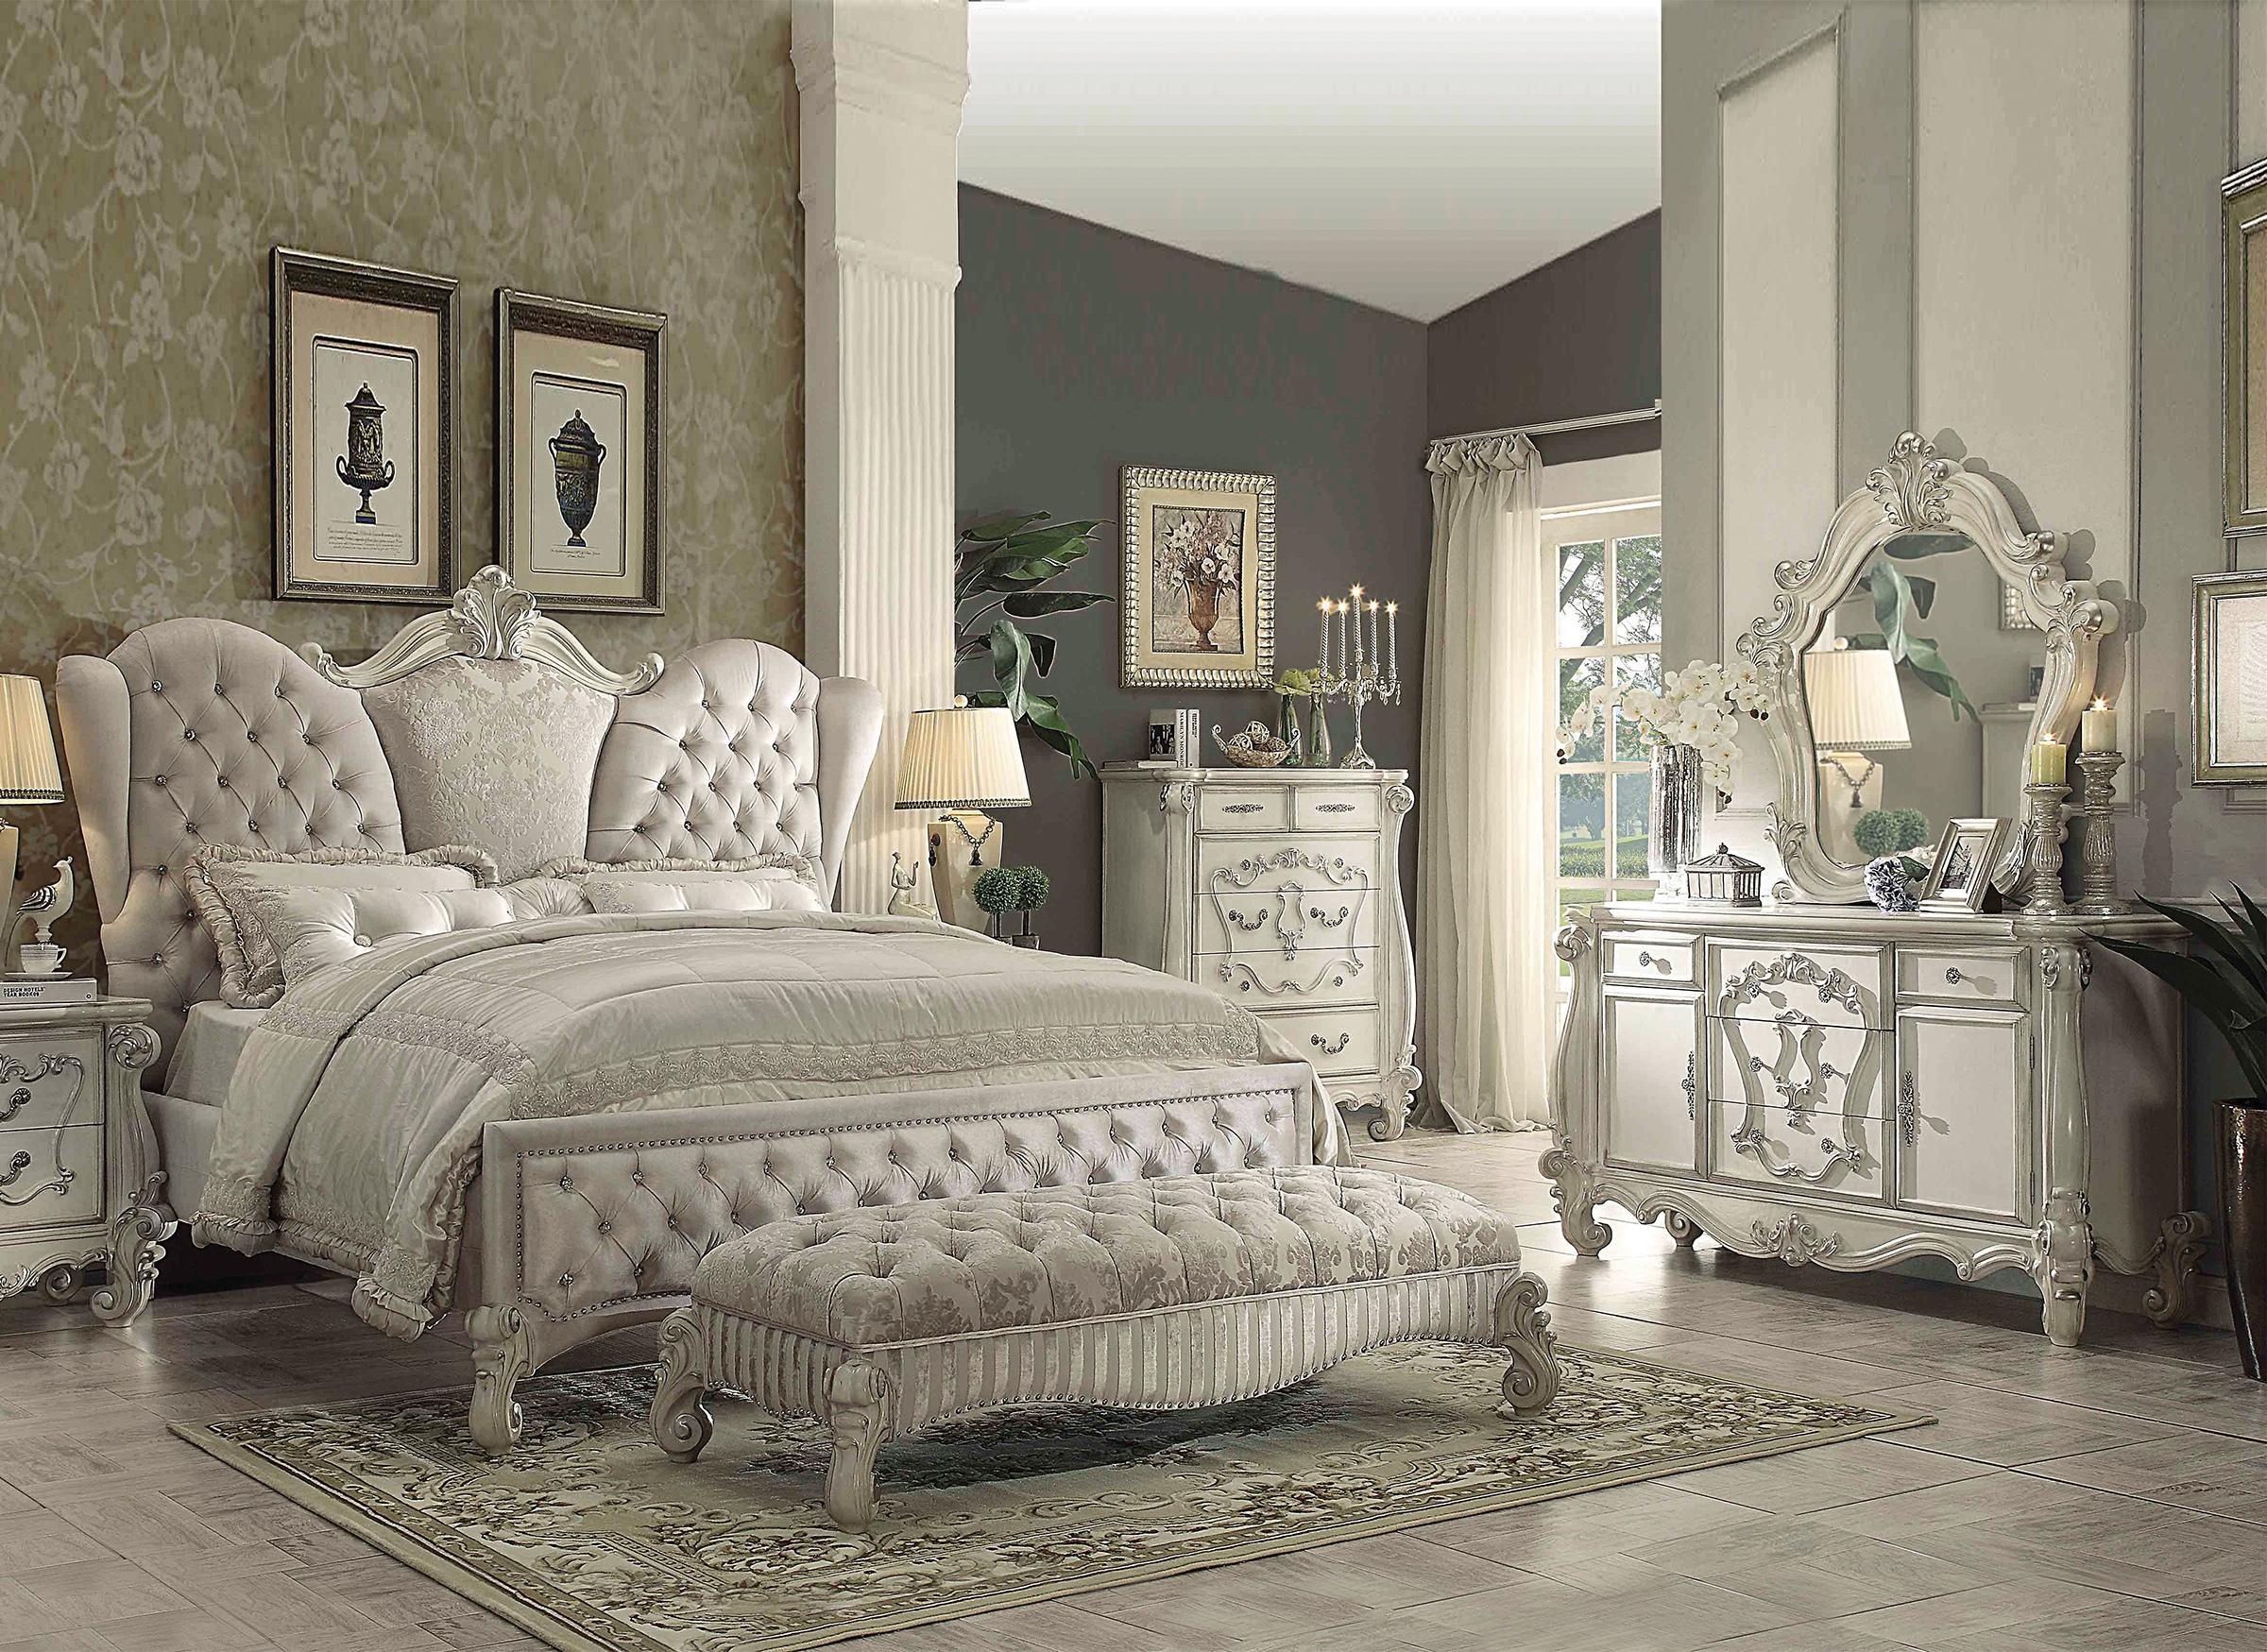 ivory velvetbone white king bedroom set 3pc wdresser